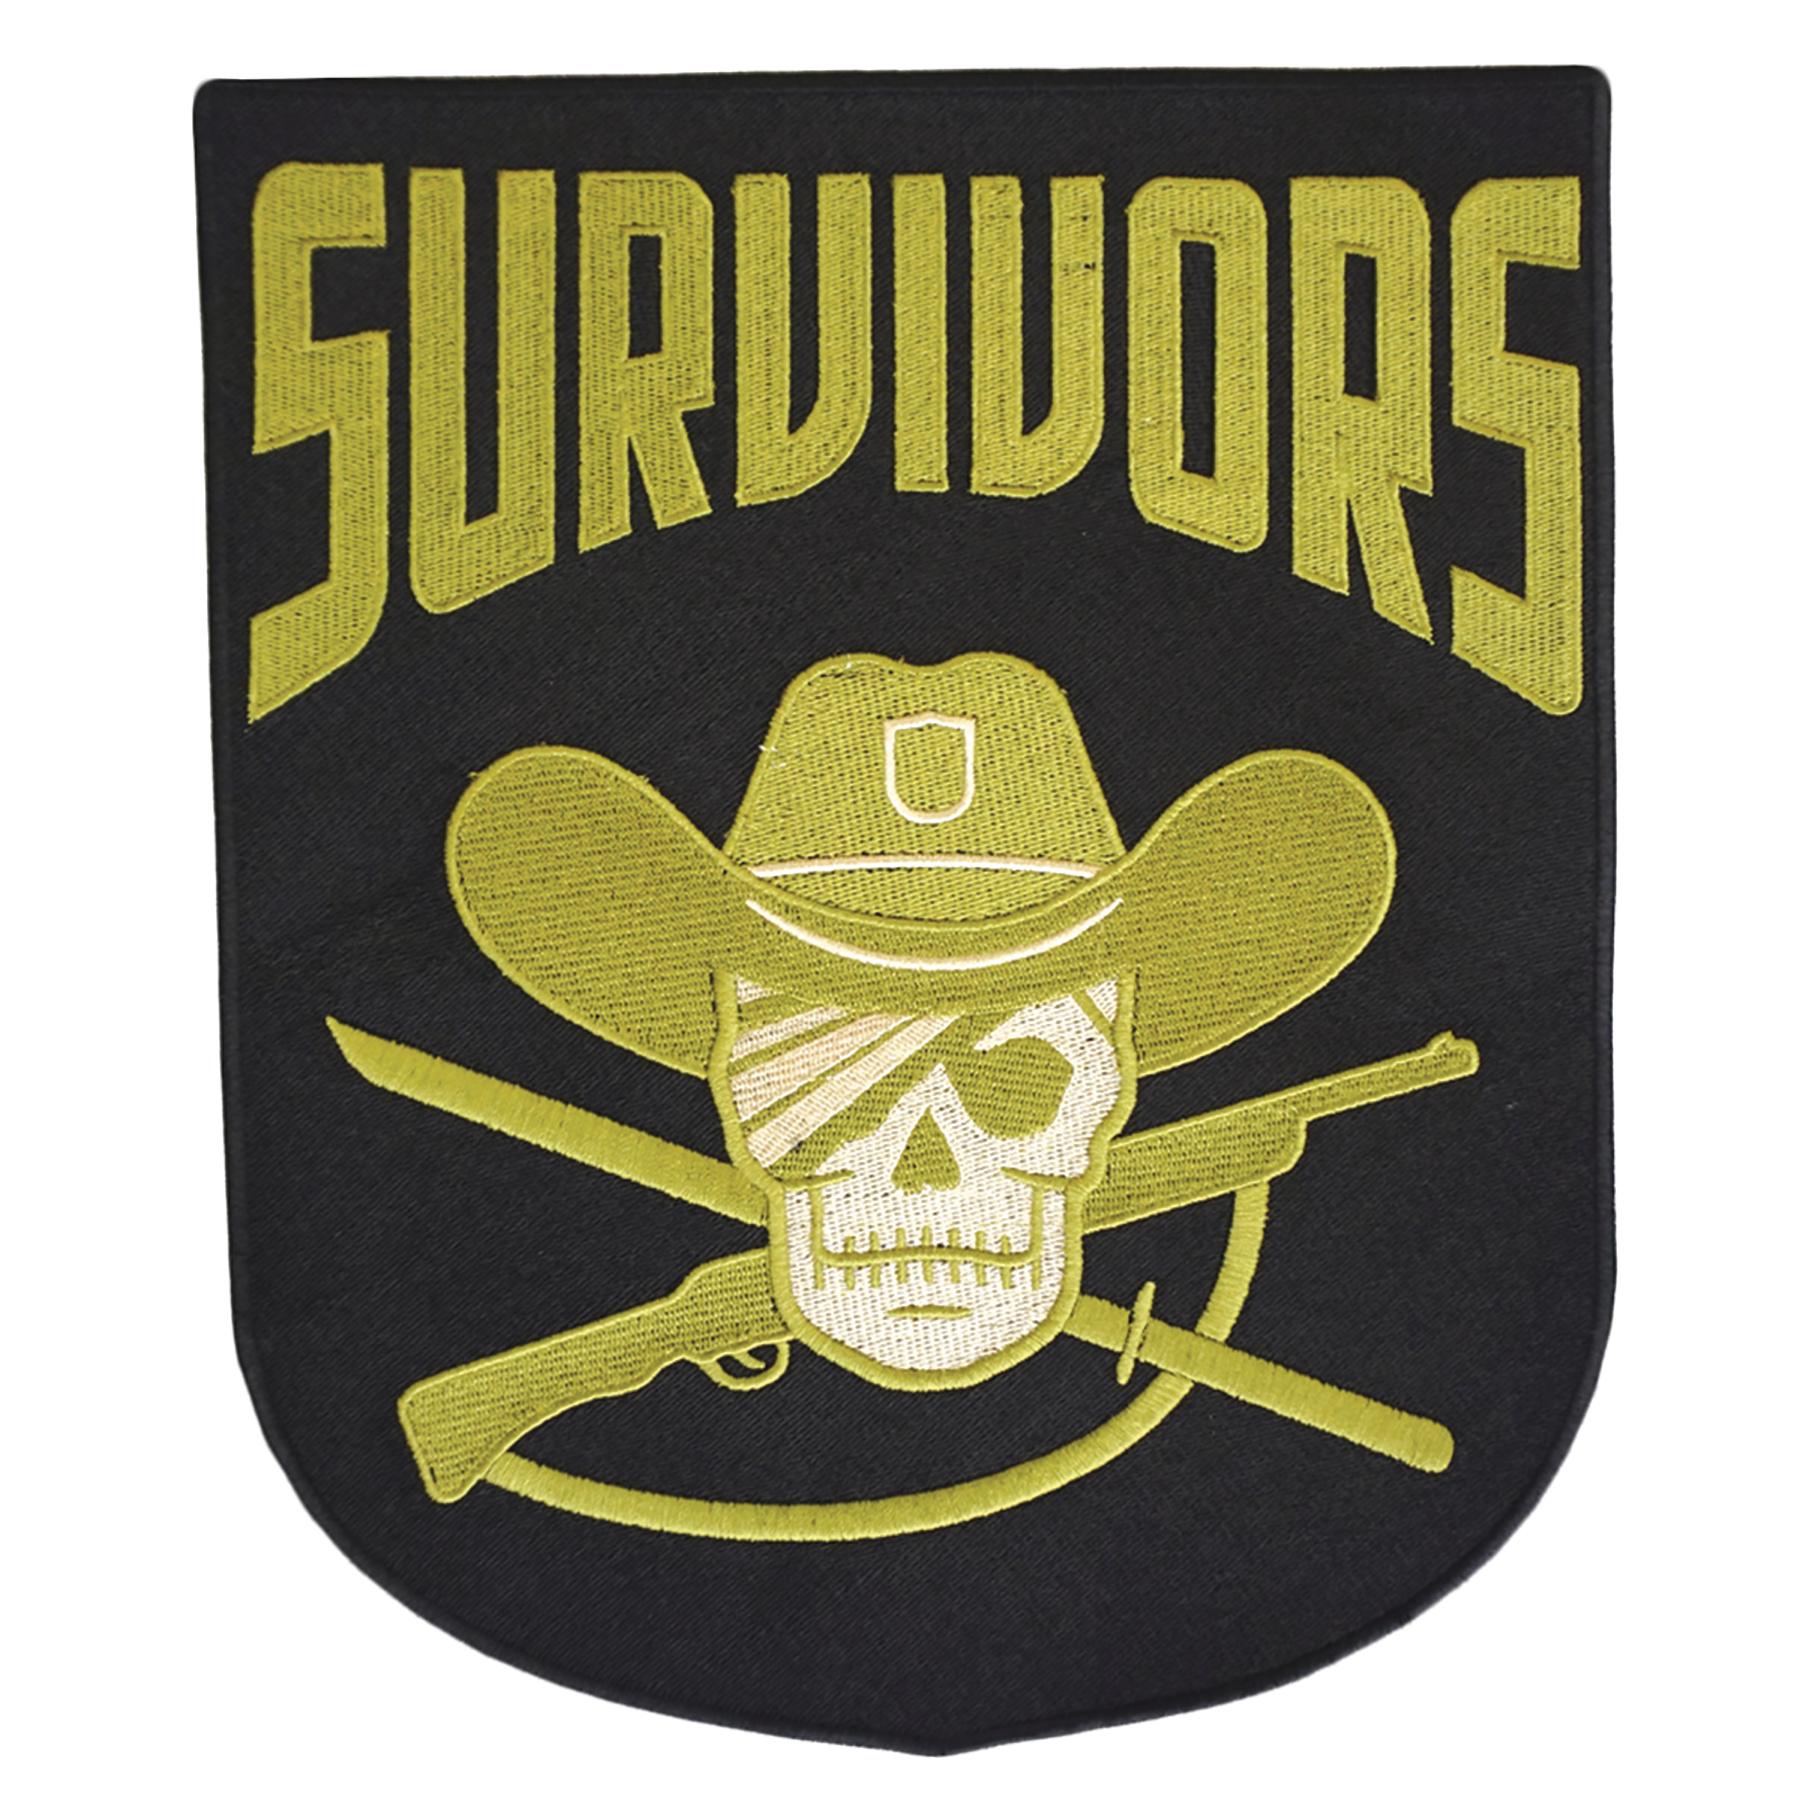 WALKING DEAD SURVIVORS FACTION 4 INCH PATCH